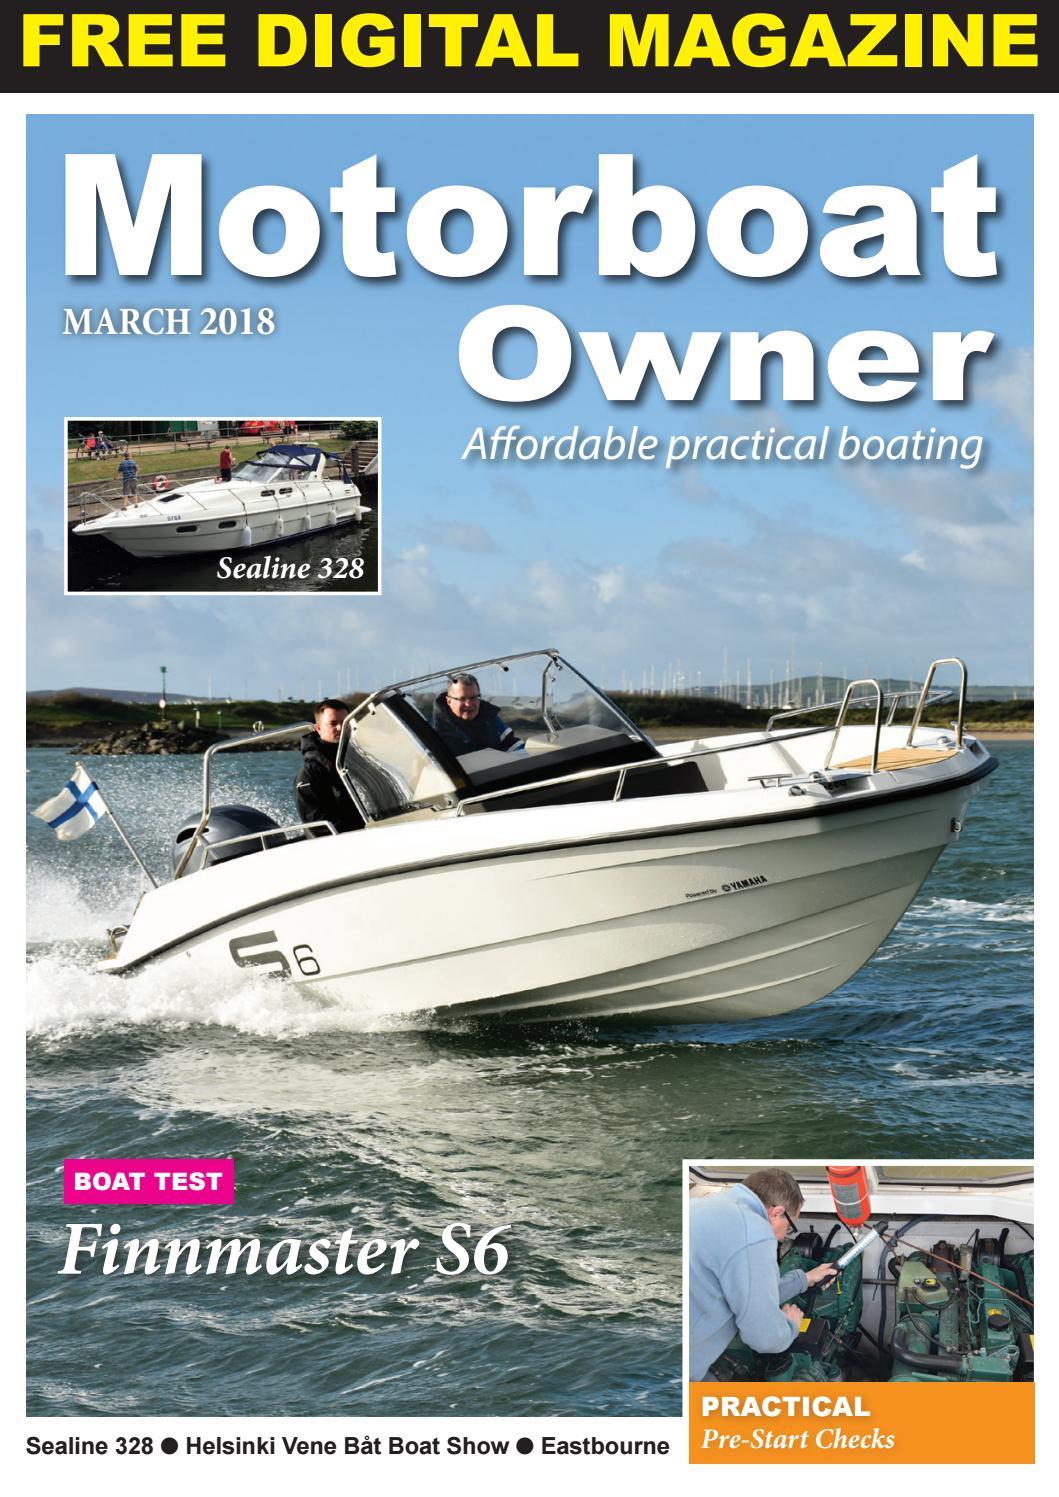 Motorboat Owner March 2018 by Digital Marine Media Ltd - issuu